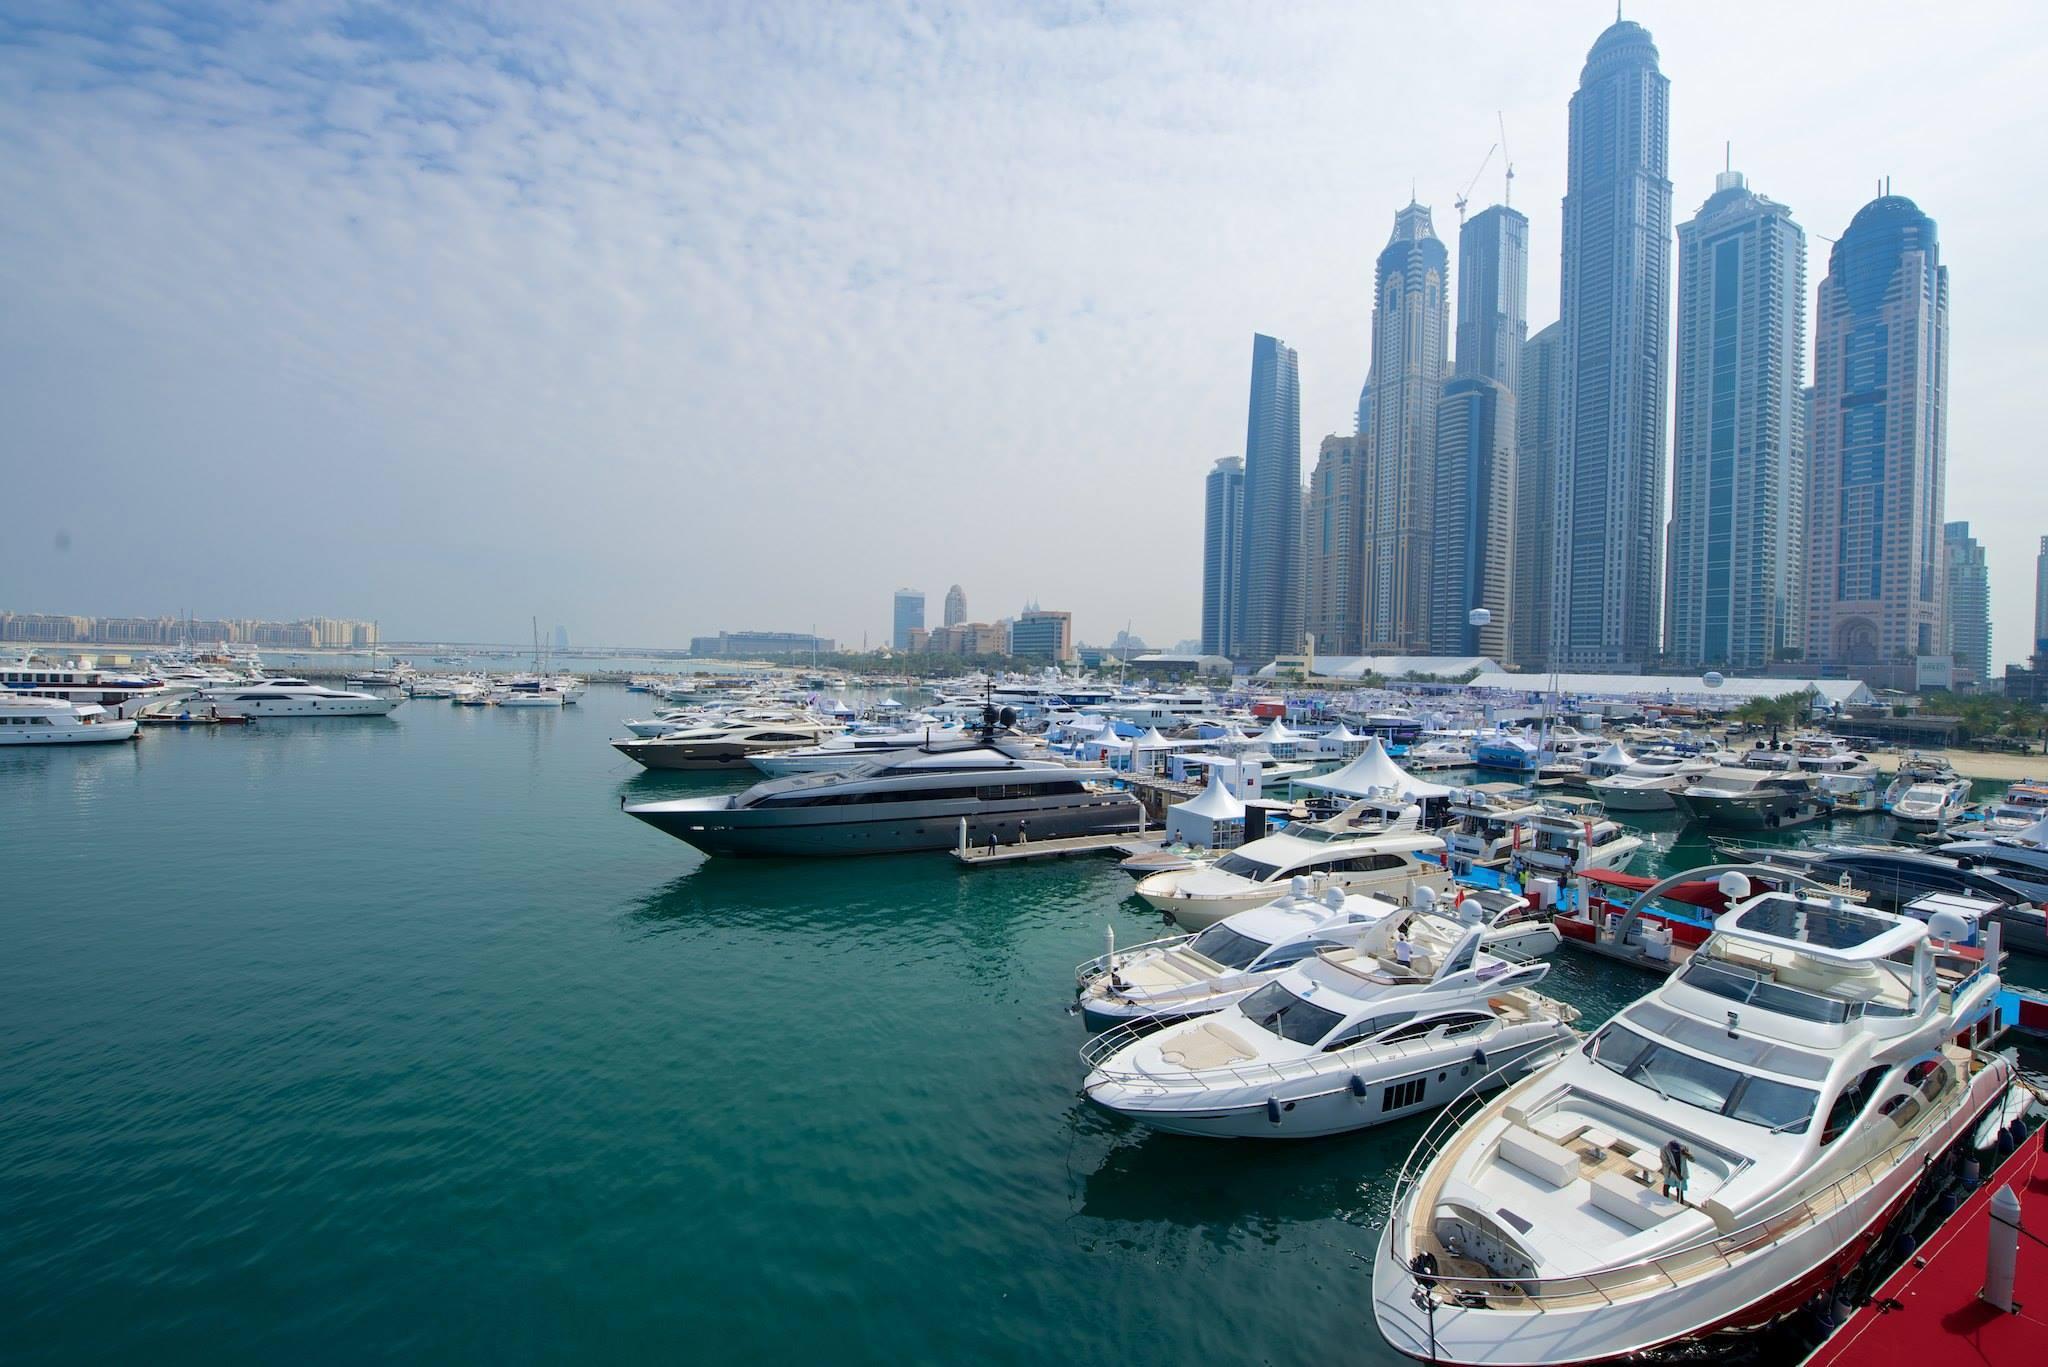 Dubai Anmol K